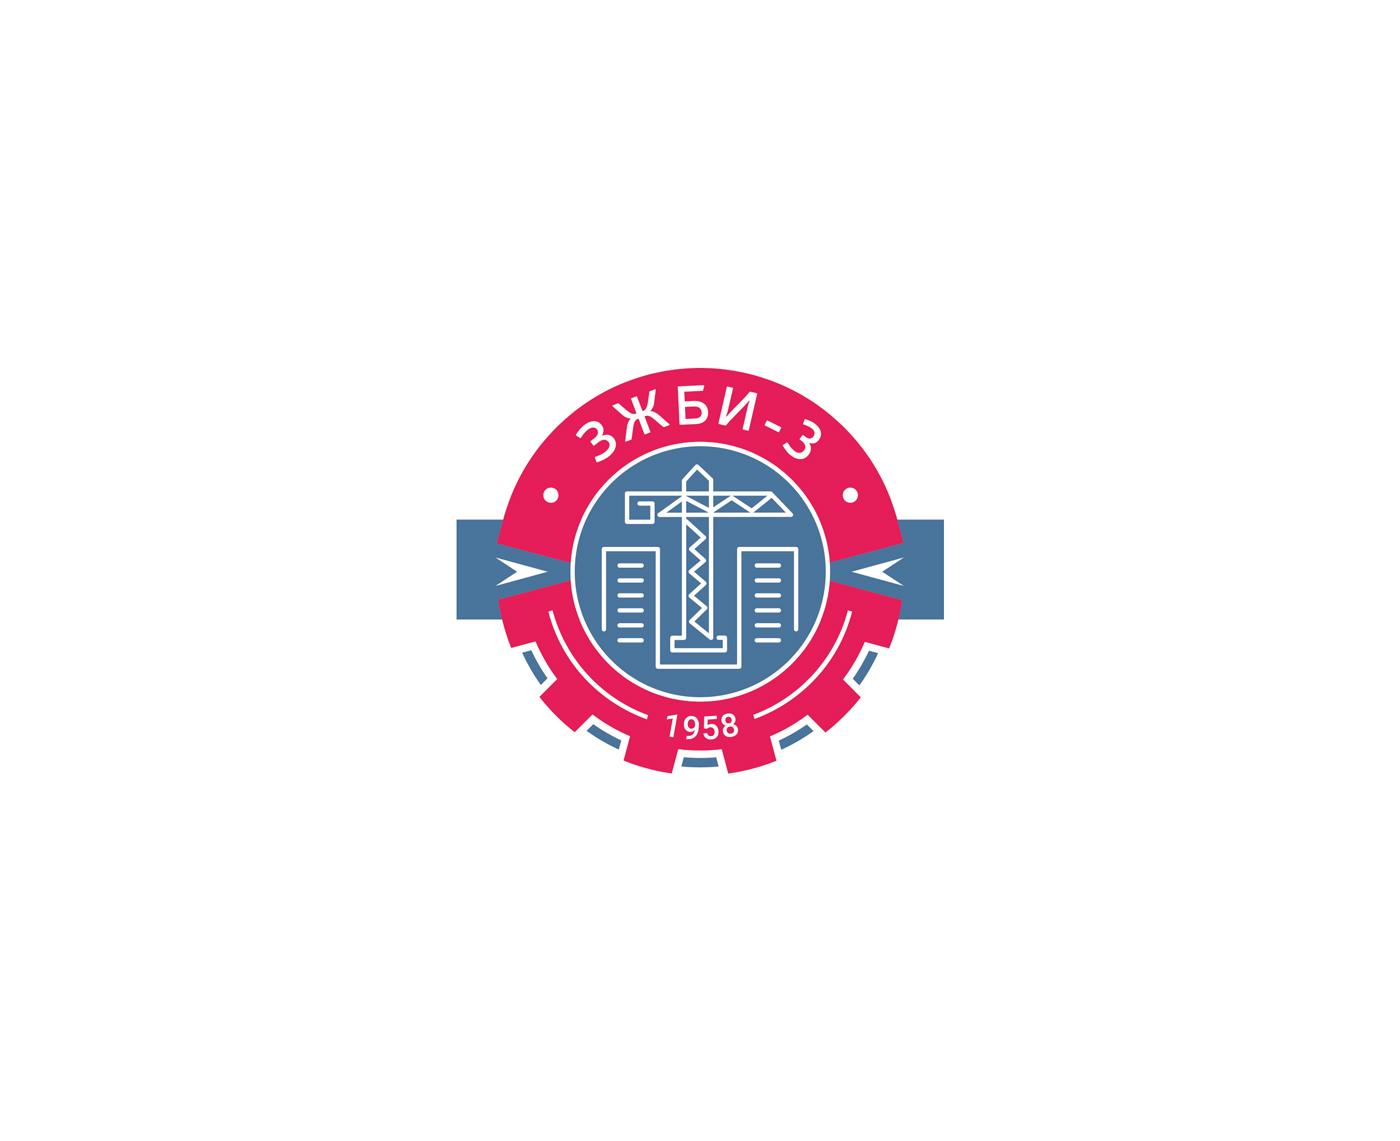 Разработка логотипа и фирменный стиль фото f_097596fa259b32d4.jpg